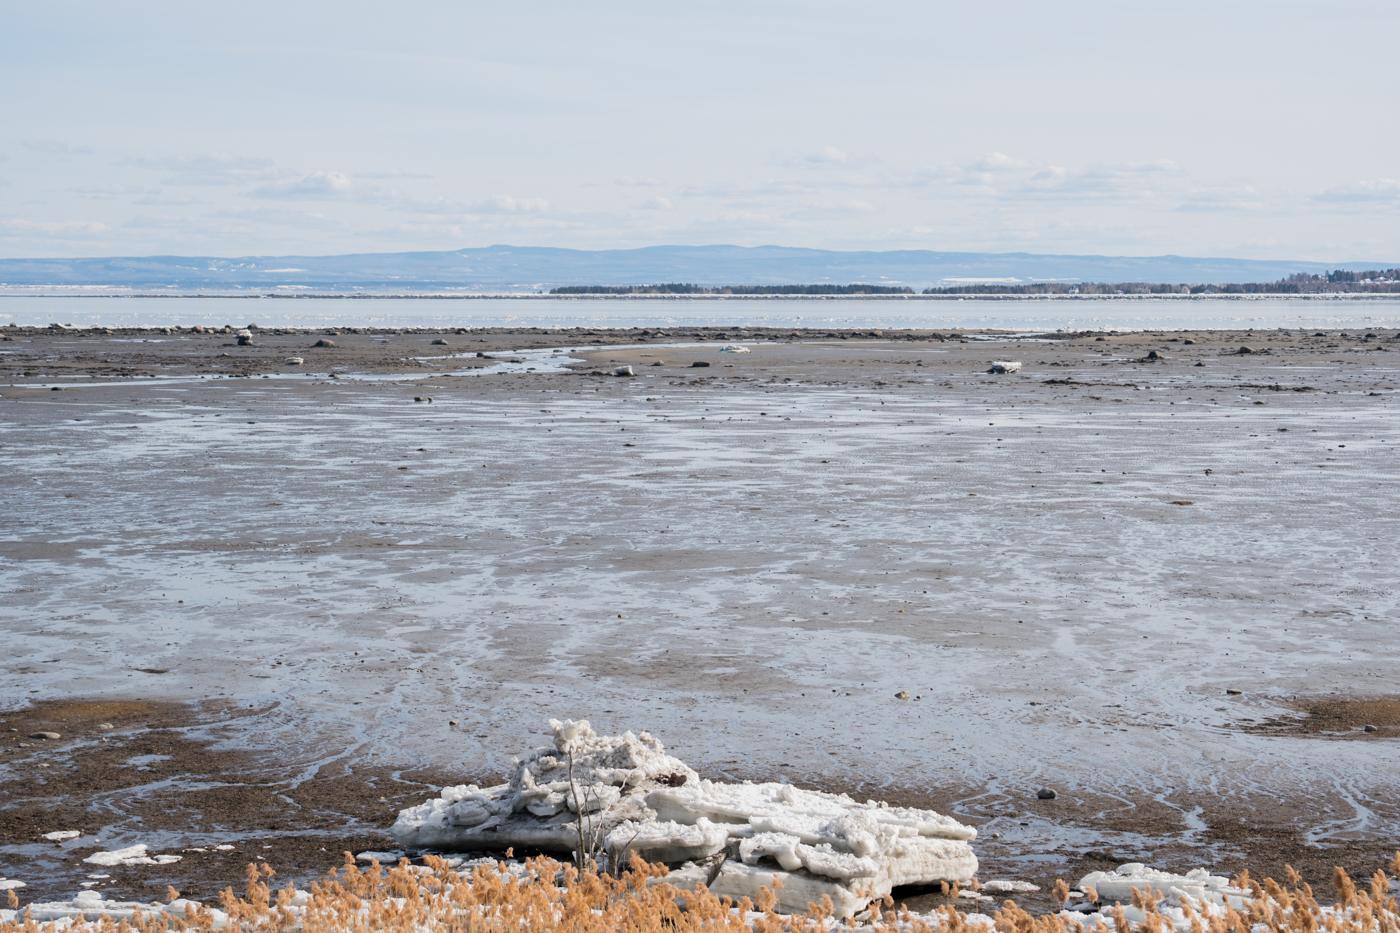 Bord du fleuve Saint-Laurent au Québec